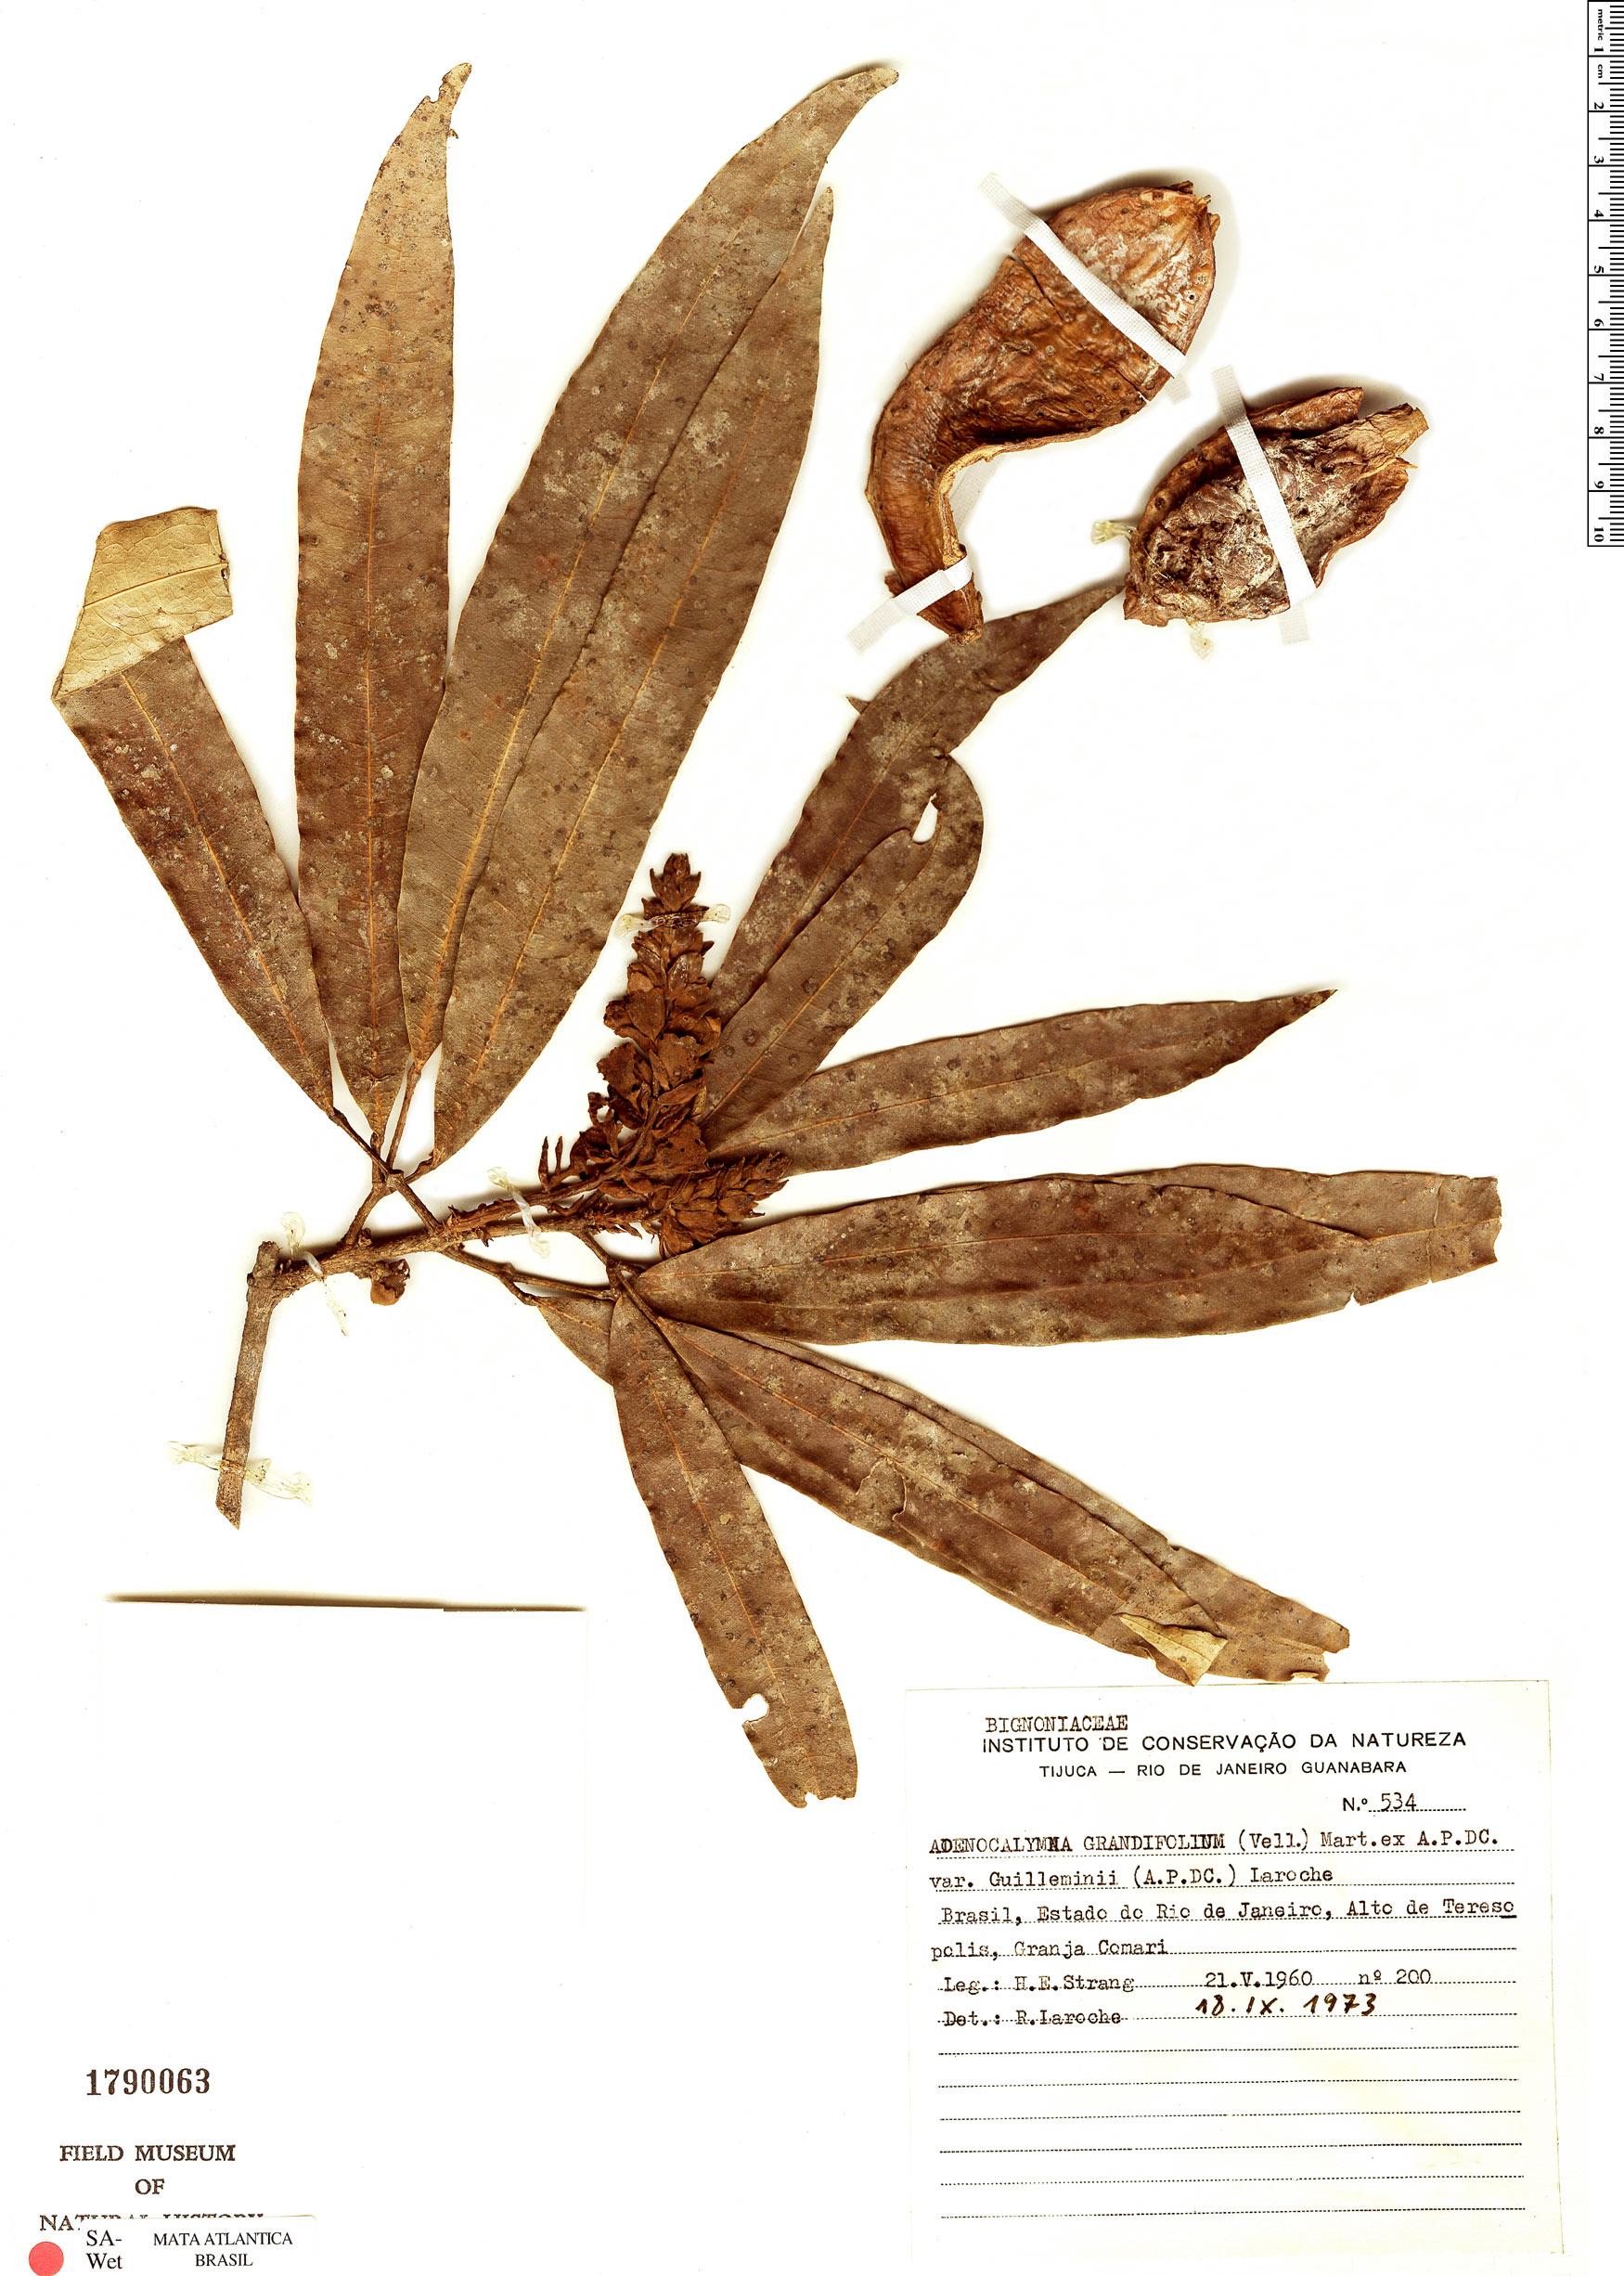 Specimen: Adenocalymma grandifolium